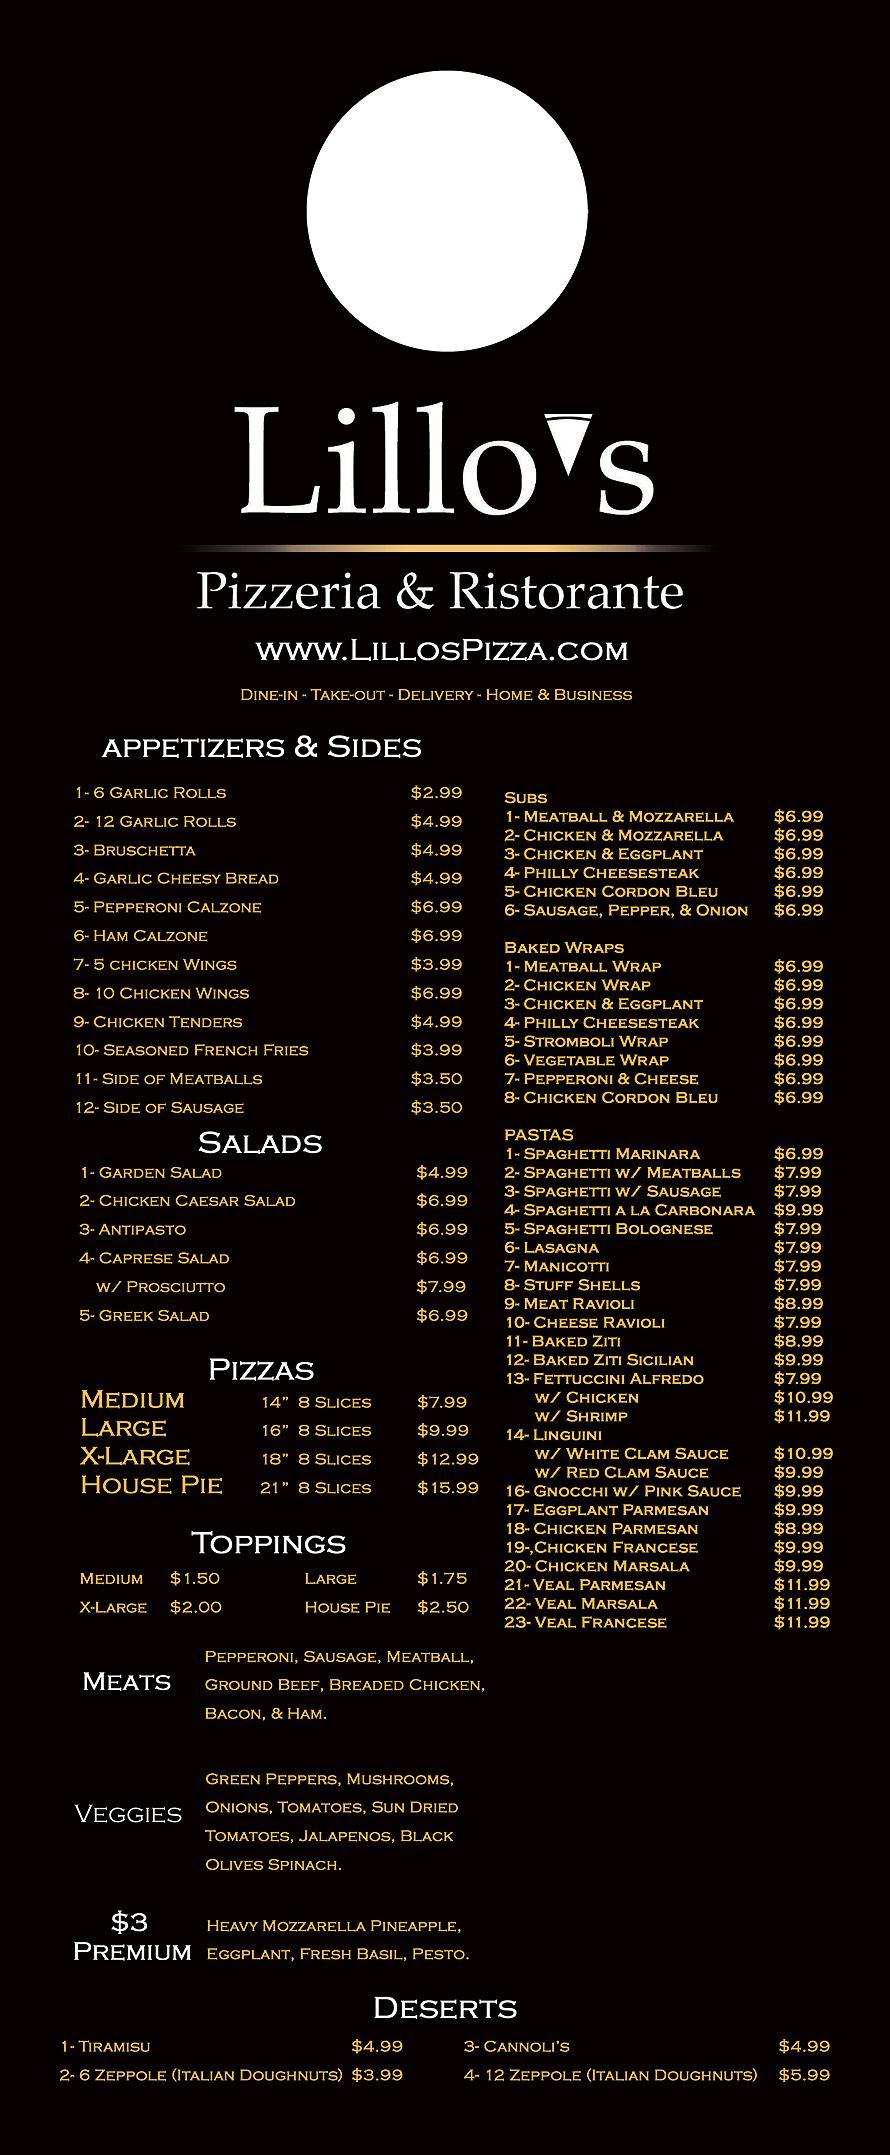 Lillo's Pizzeria and Ristorante